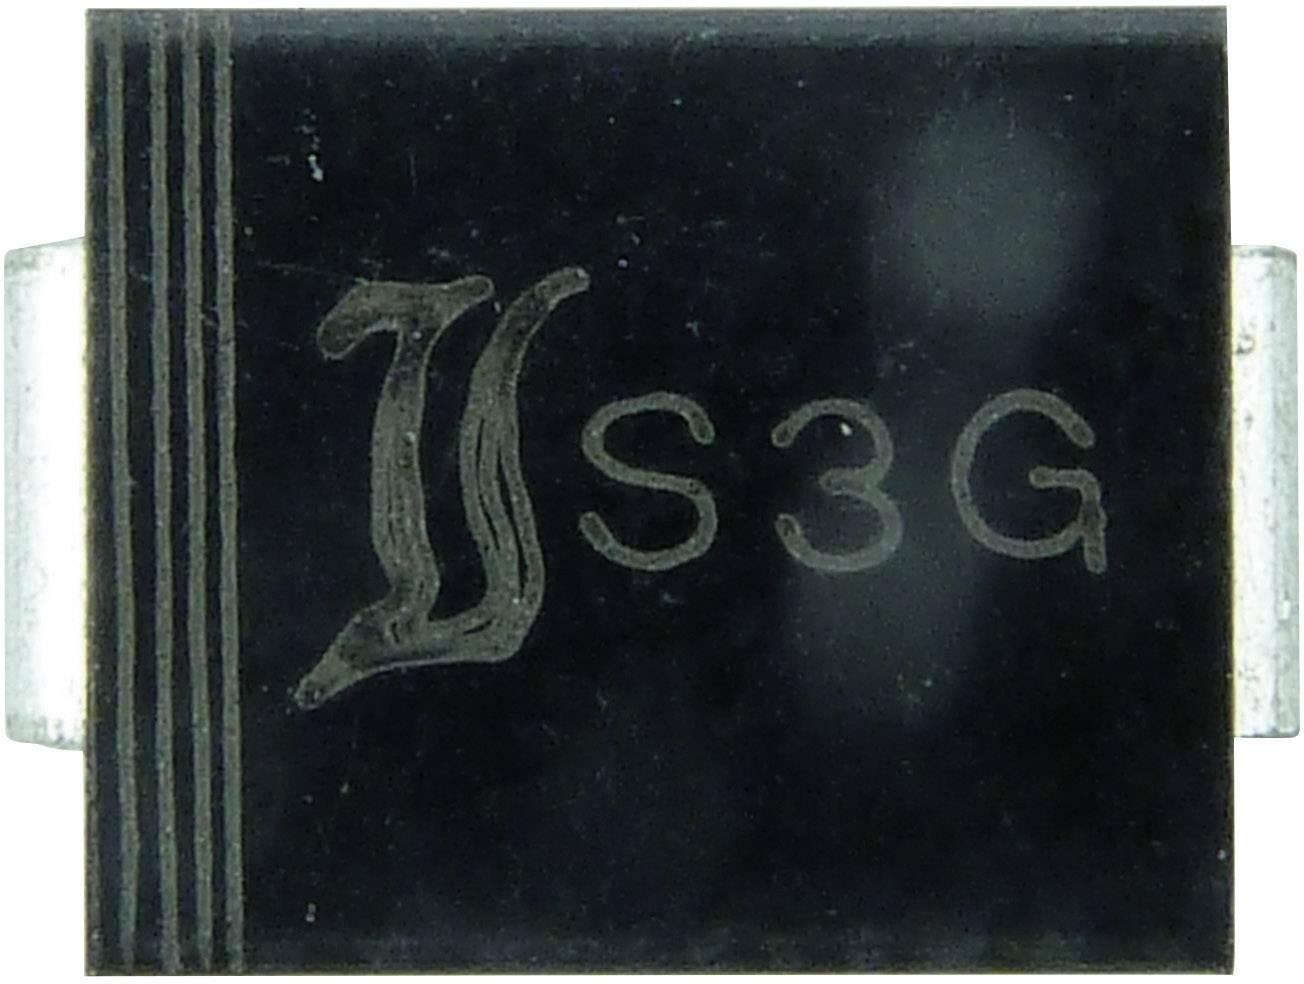 Dióda Z Diotec Z3SMC18, DO-214AB, zener. napätie 18 V